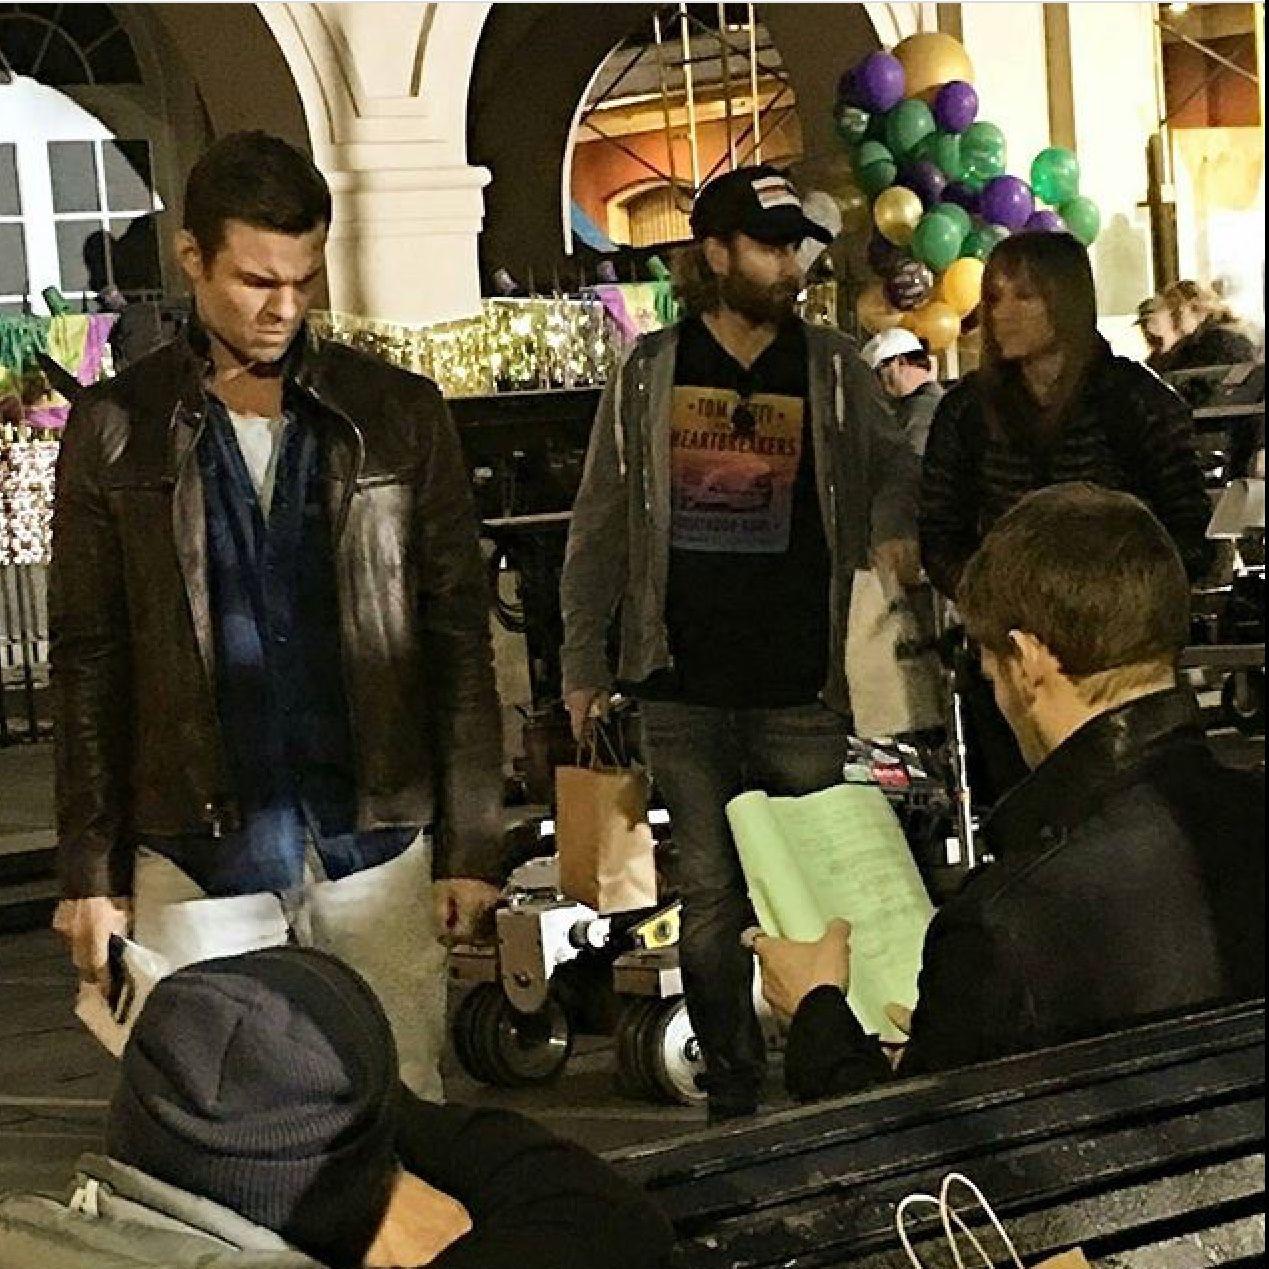 Daniel Gillies and Joseph Morgan behind scenes of 5x13 season 5